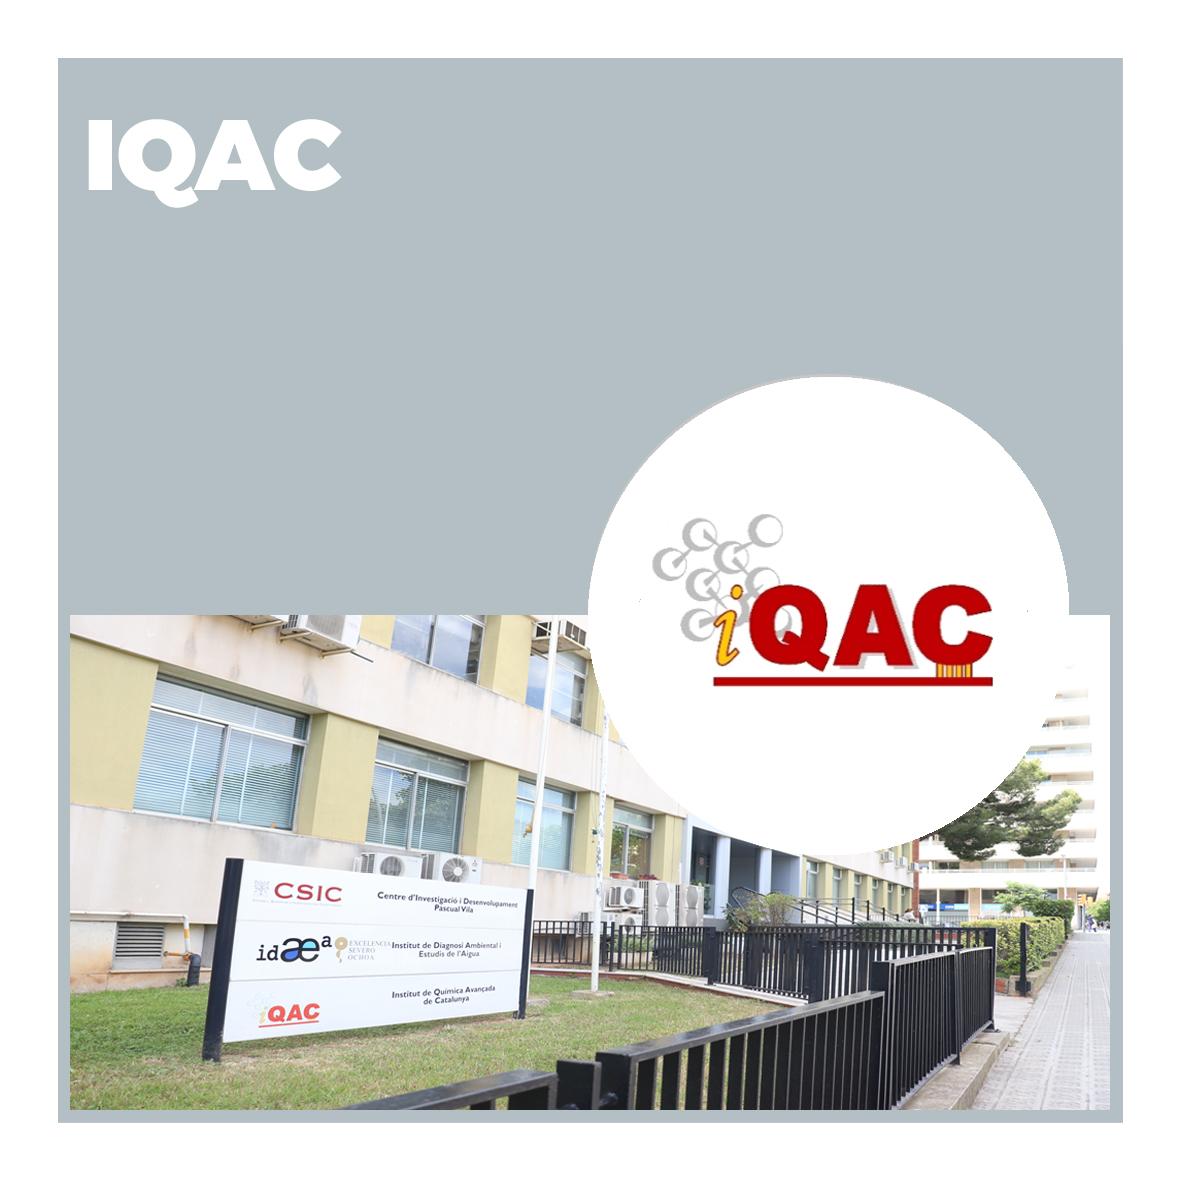 Instituto de Química Avanzada de Cataluña (IQAC)